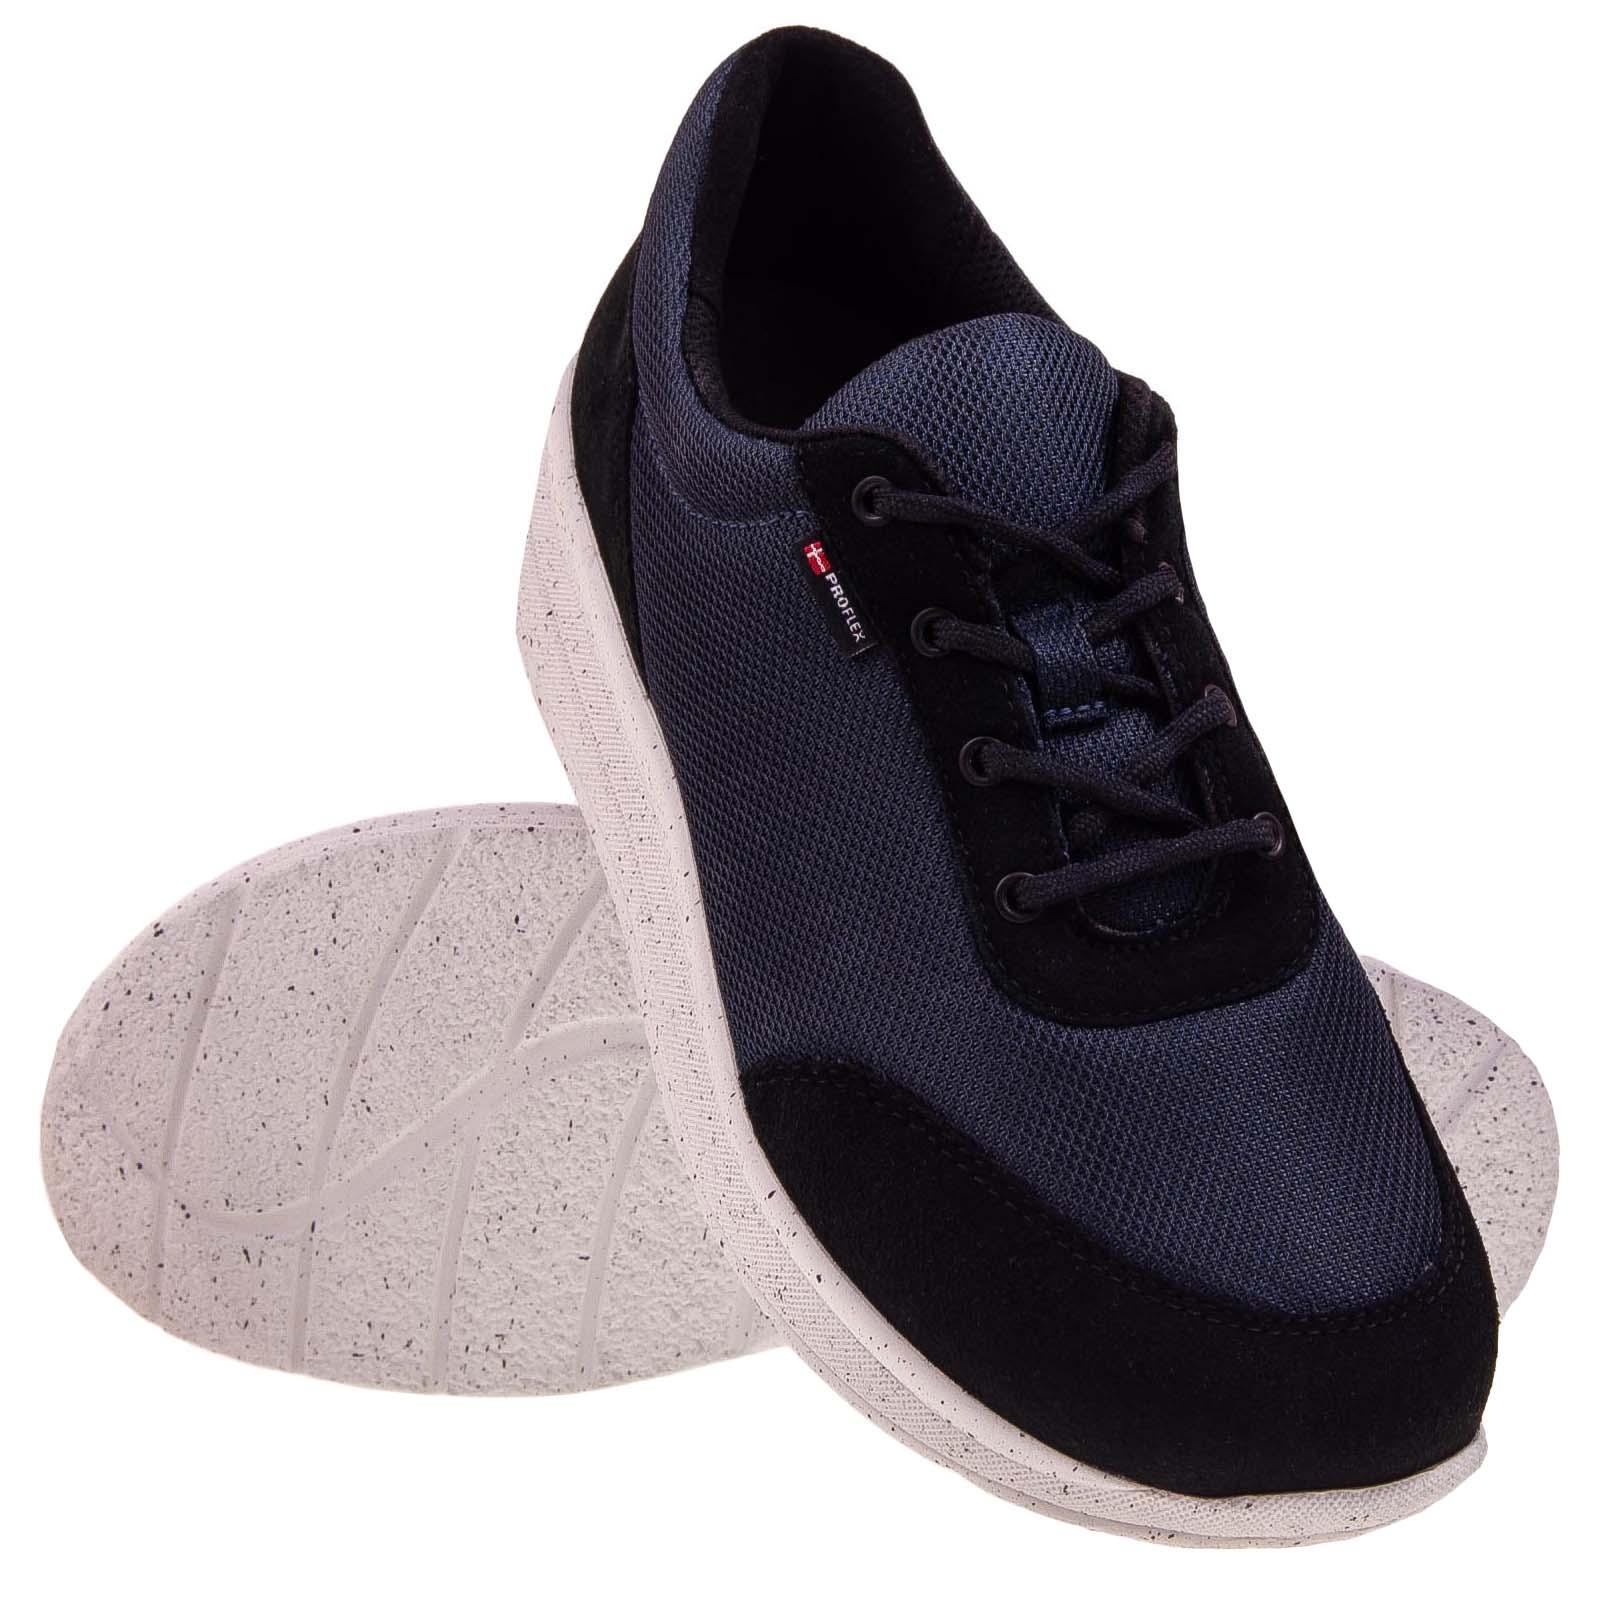 1603-008-1 - Proflex_dames_comfortsneaker_in_donkerblauw_mesh_en_zwart_suede_met_een_witte_zool_PAAR_1603-008-1